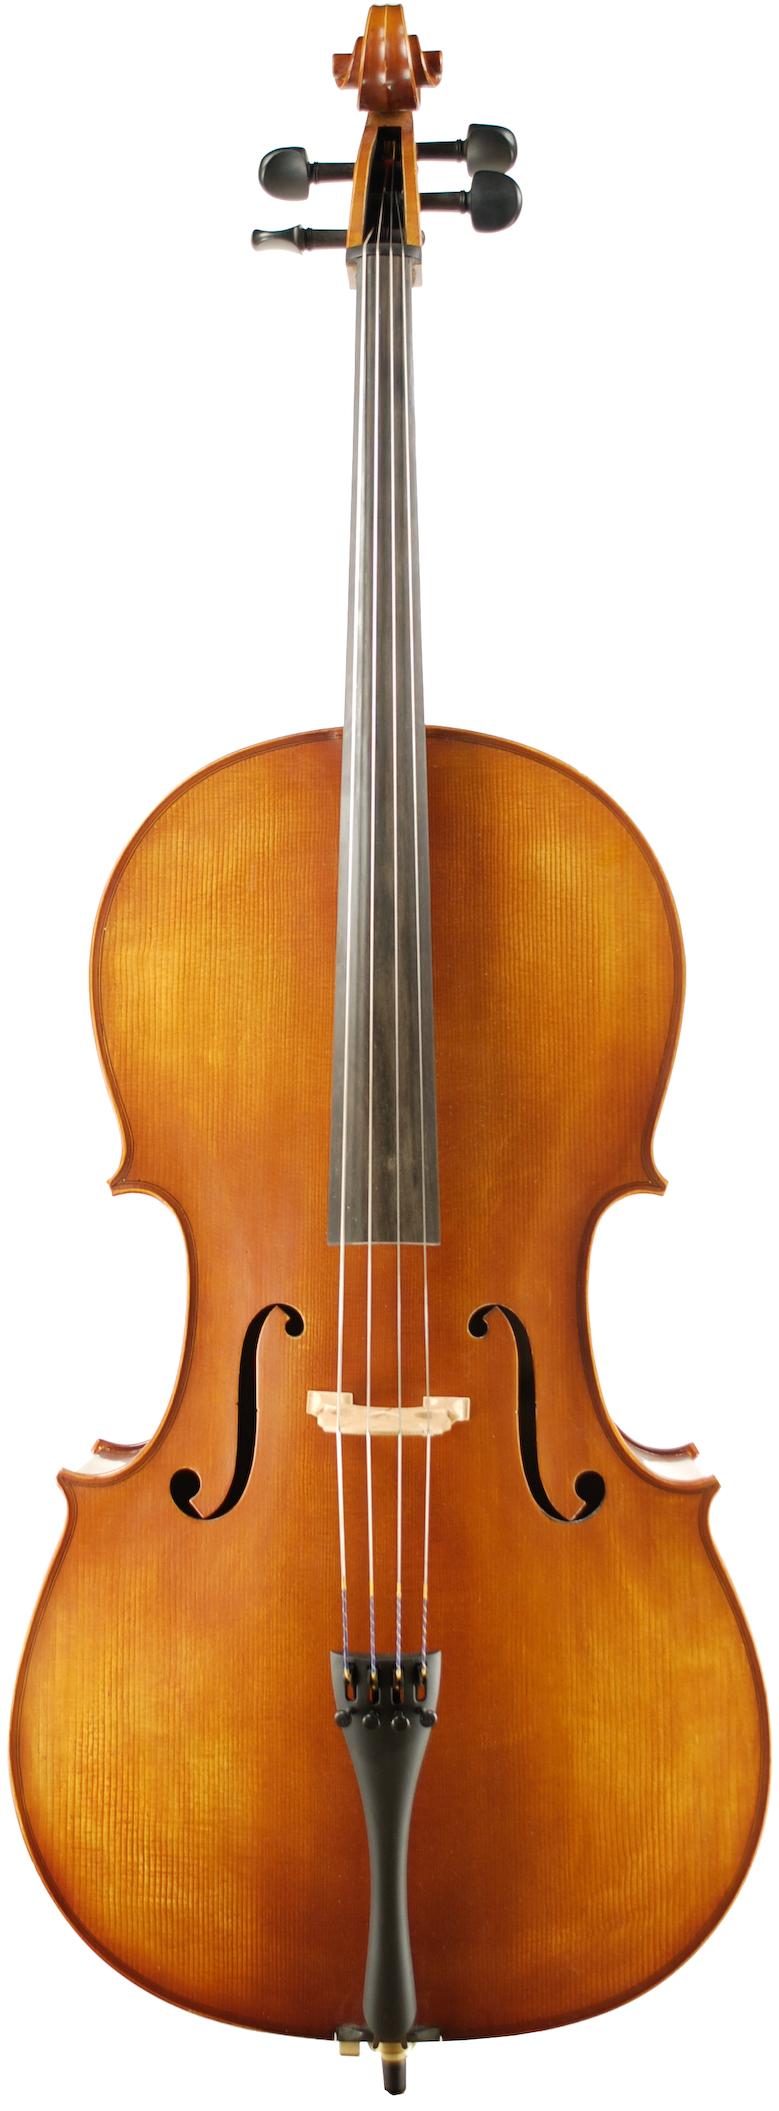 Eastman 200 Cello Top